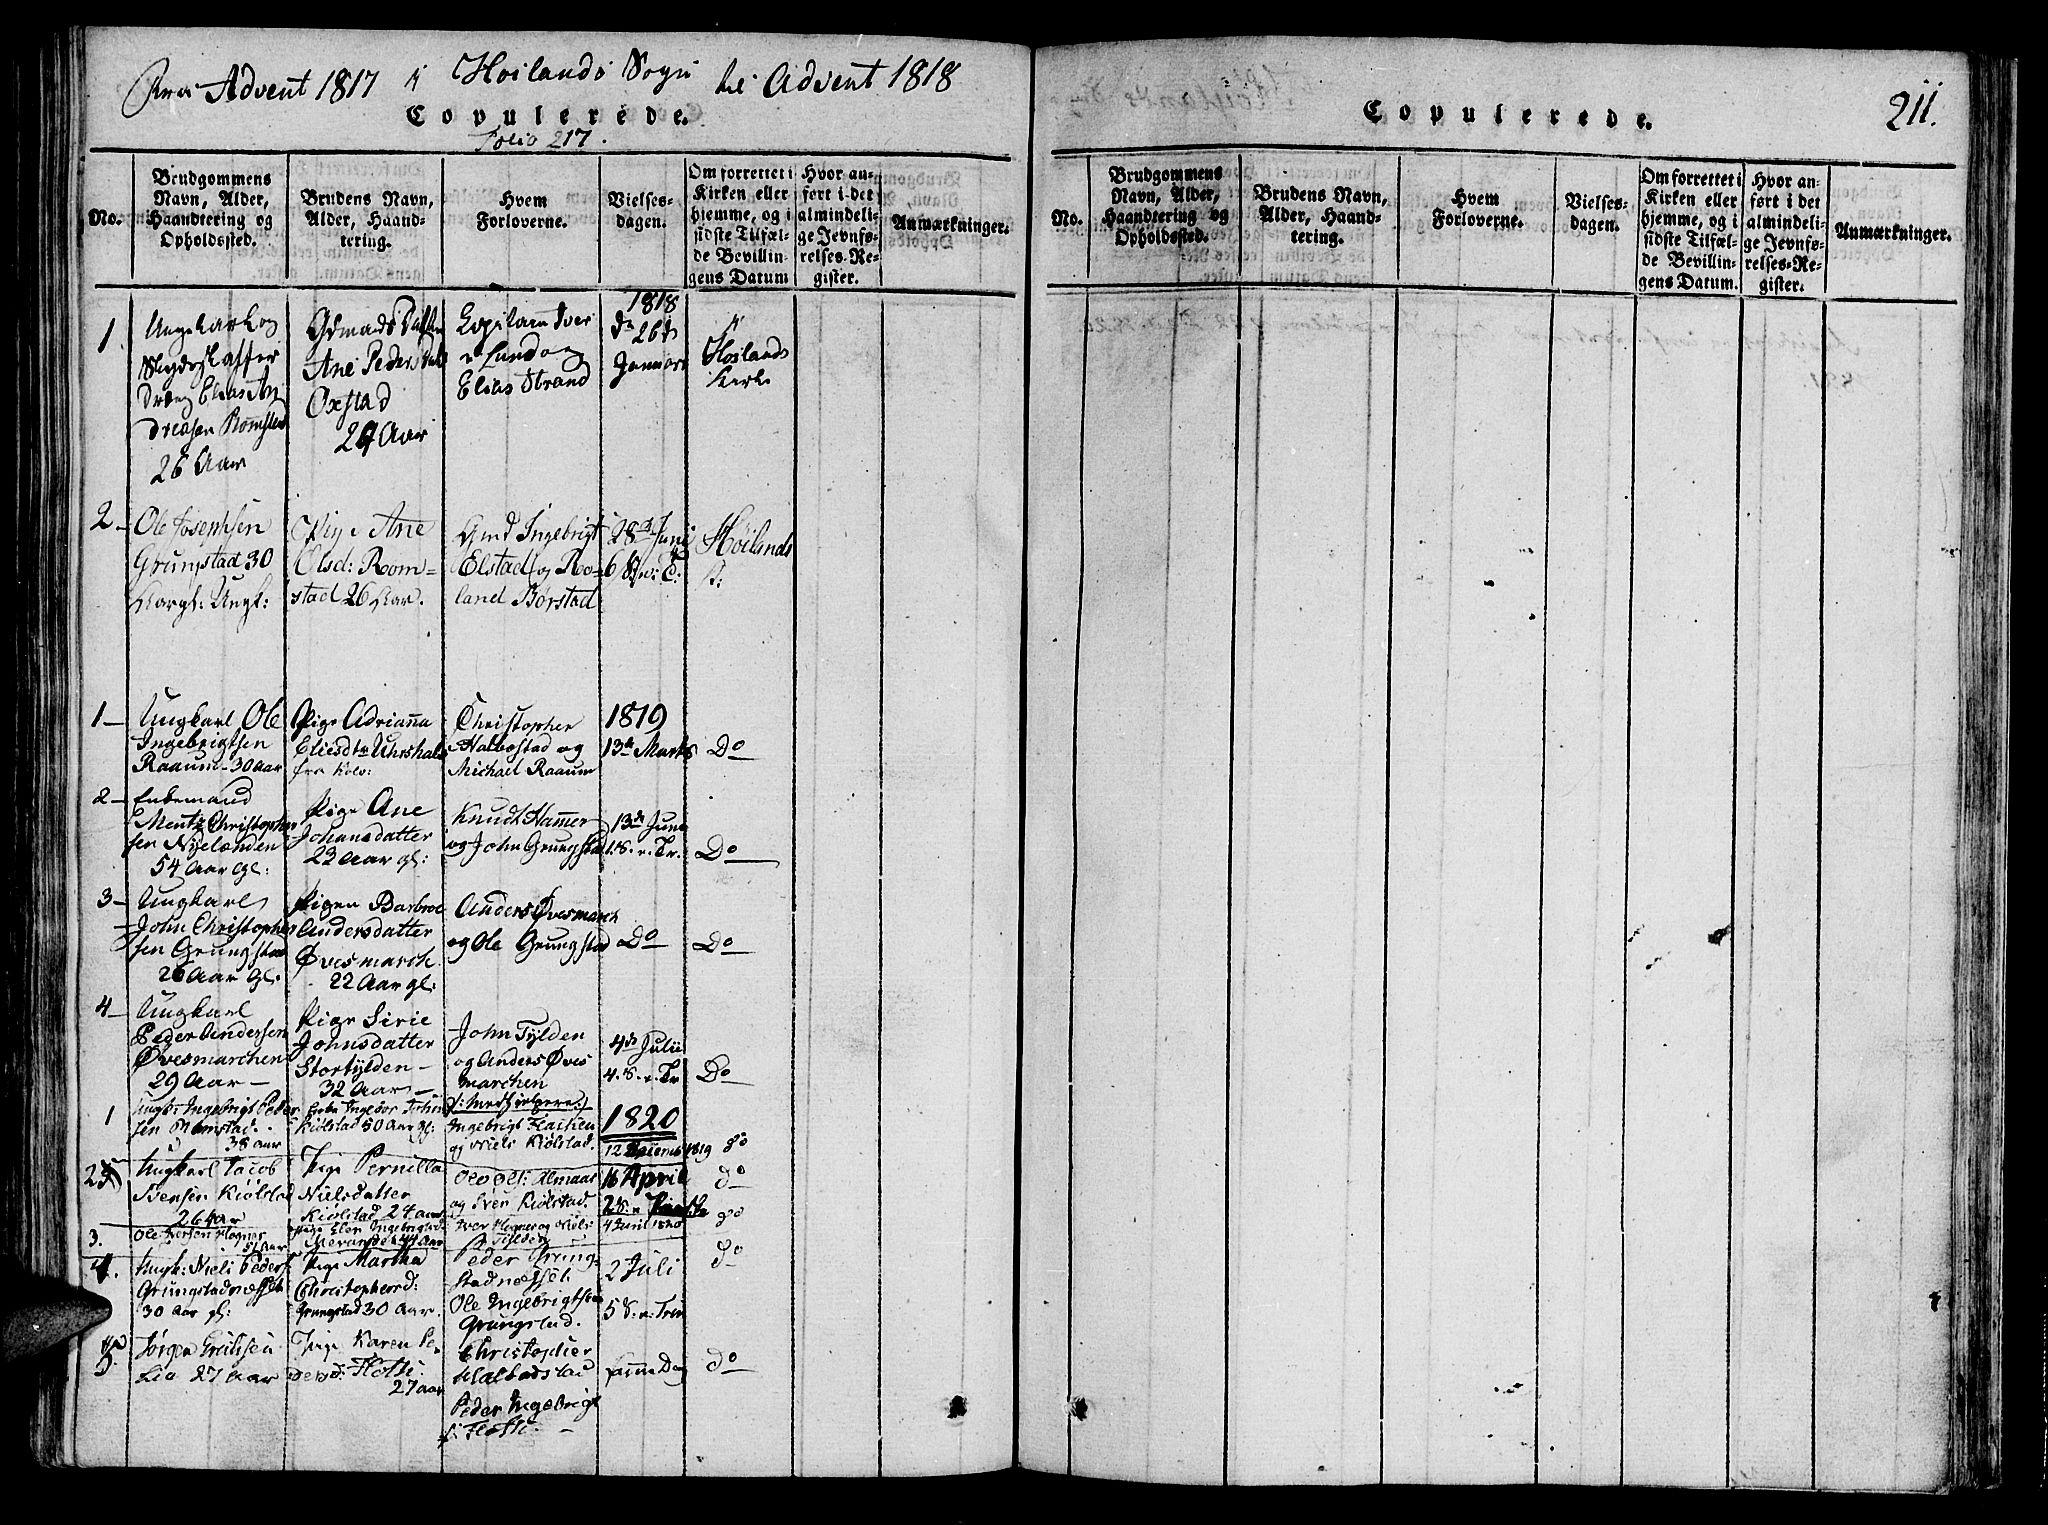 SAT, Ministerialprotokoller, klokkerbøker og fødselsregistre - Nord-Trøndelag, 764/L0546: Ministerialbok nr. 764A06 /3, 1817-1821, s. 211